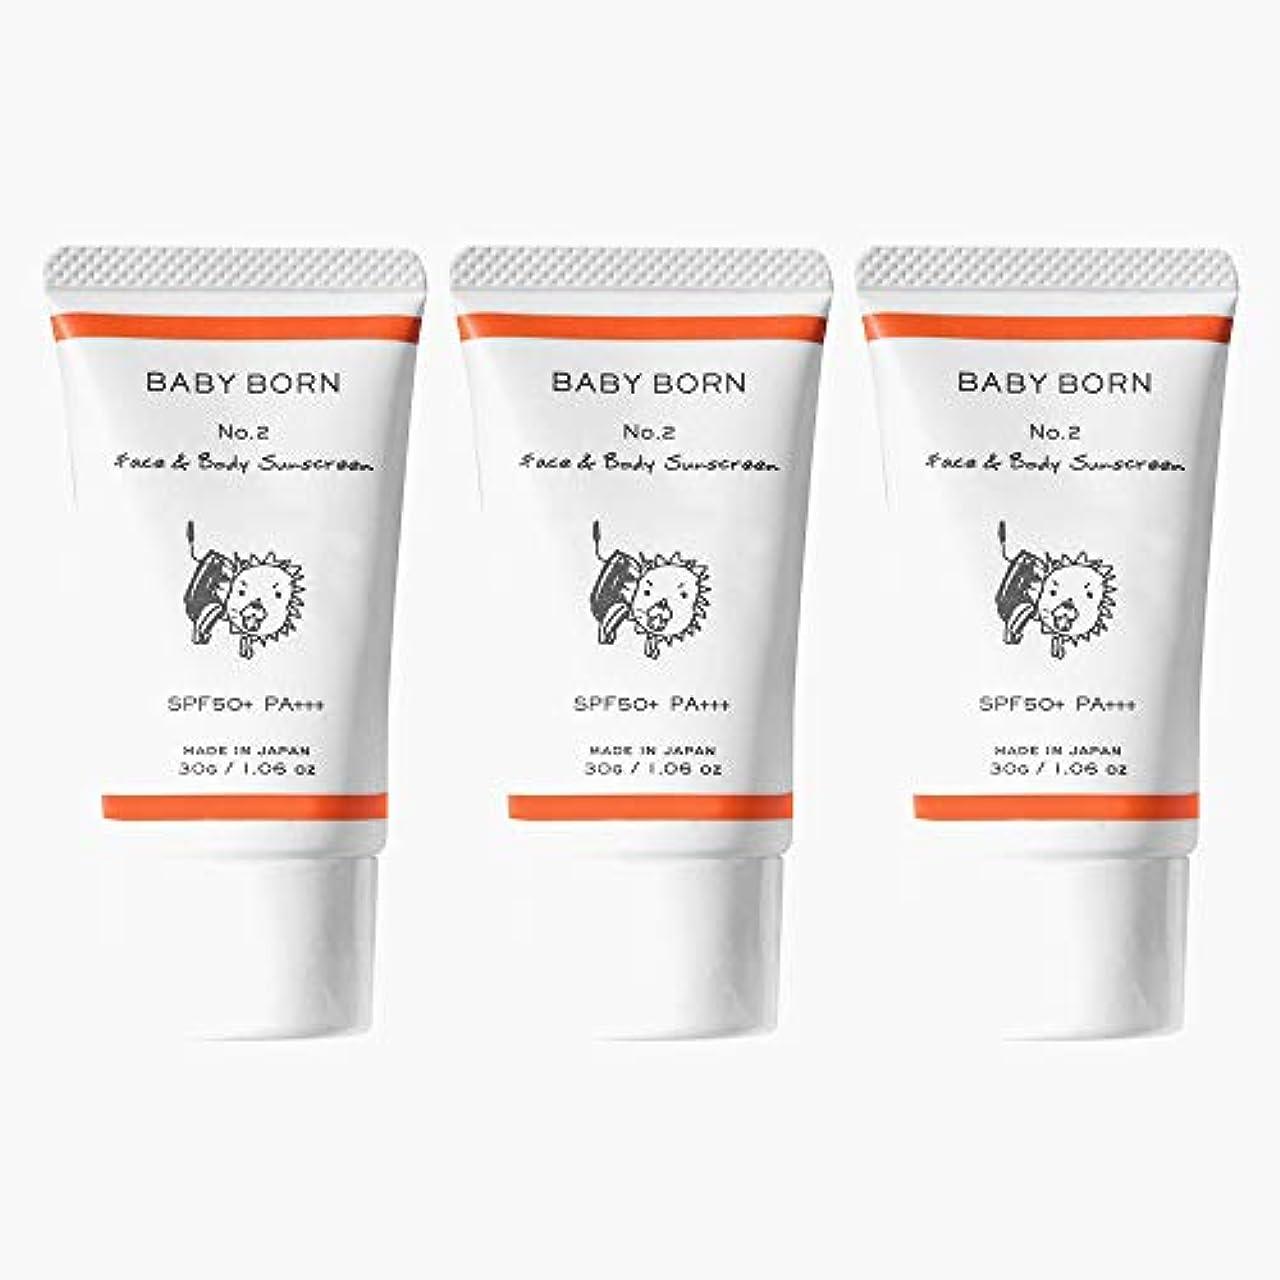 エール要求メタリック日焼け止め 赤ちゃんや子どもにも使えるBABY BORN(ベビーボーン) Face&Body Sunscreen 3個セット 日焼け止め UV ケア 東原亜希 高橋ミカ 共同開発 SPF50+/PA++++